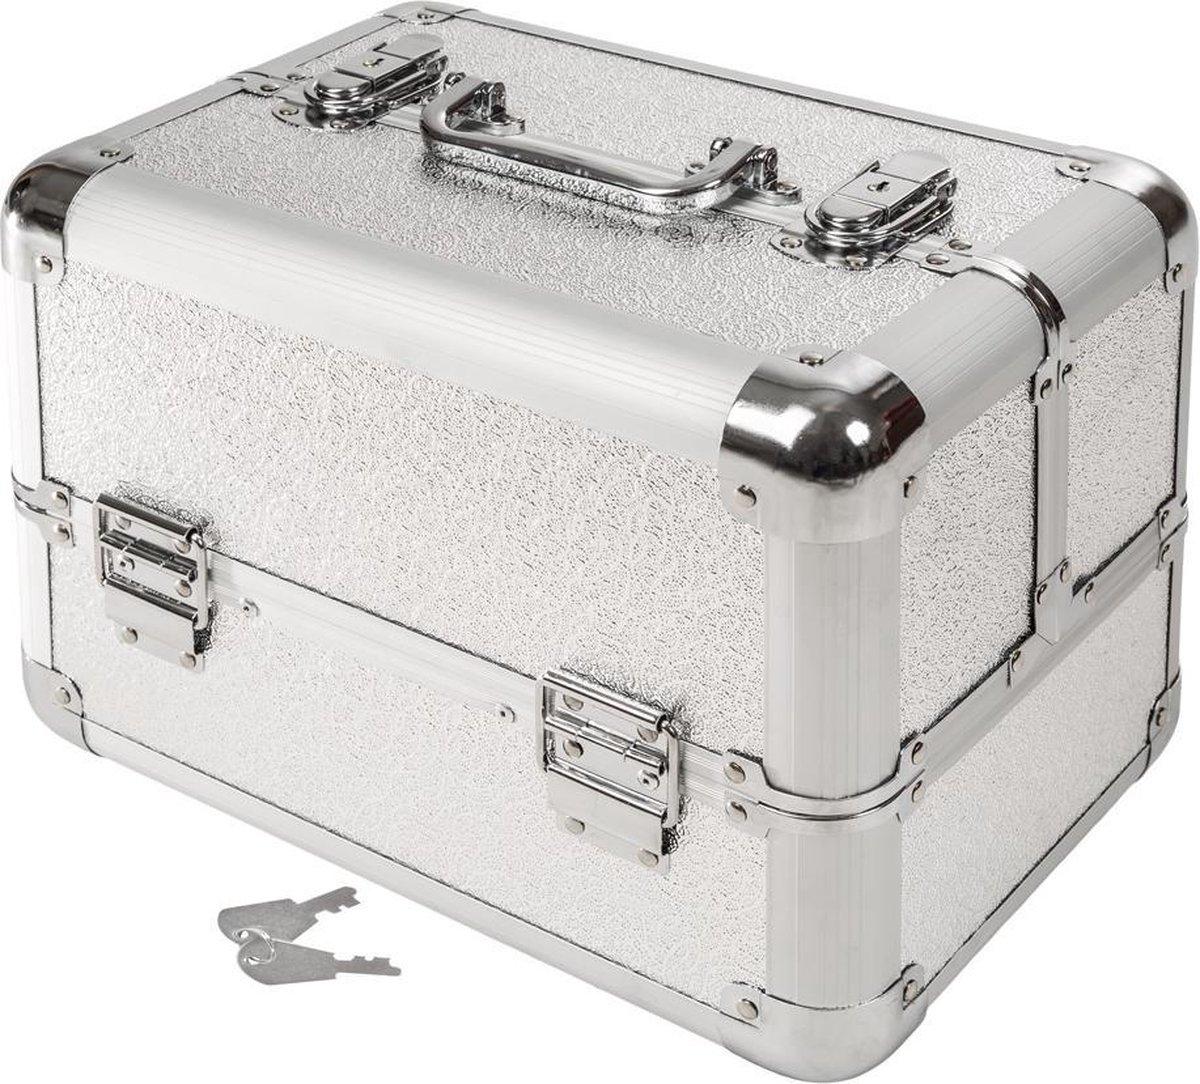 Tectake - Beautycase - Afsluitbaar - Zilver